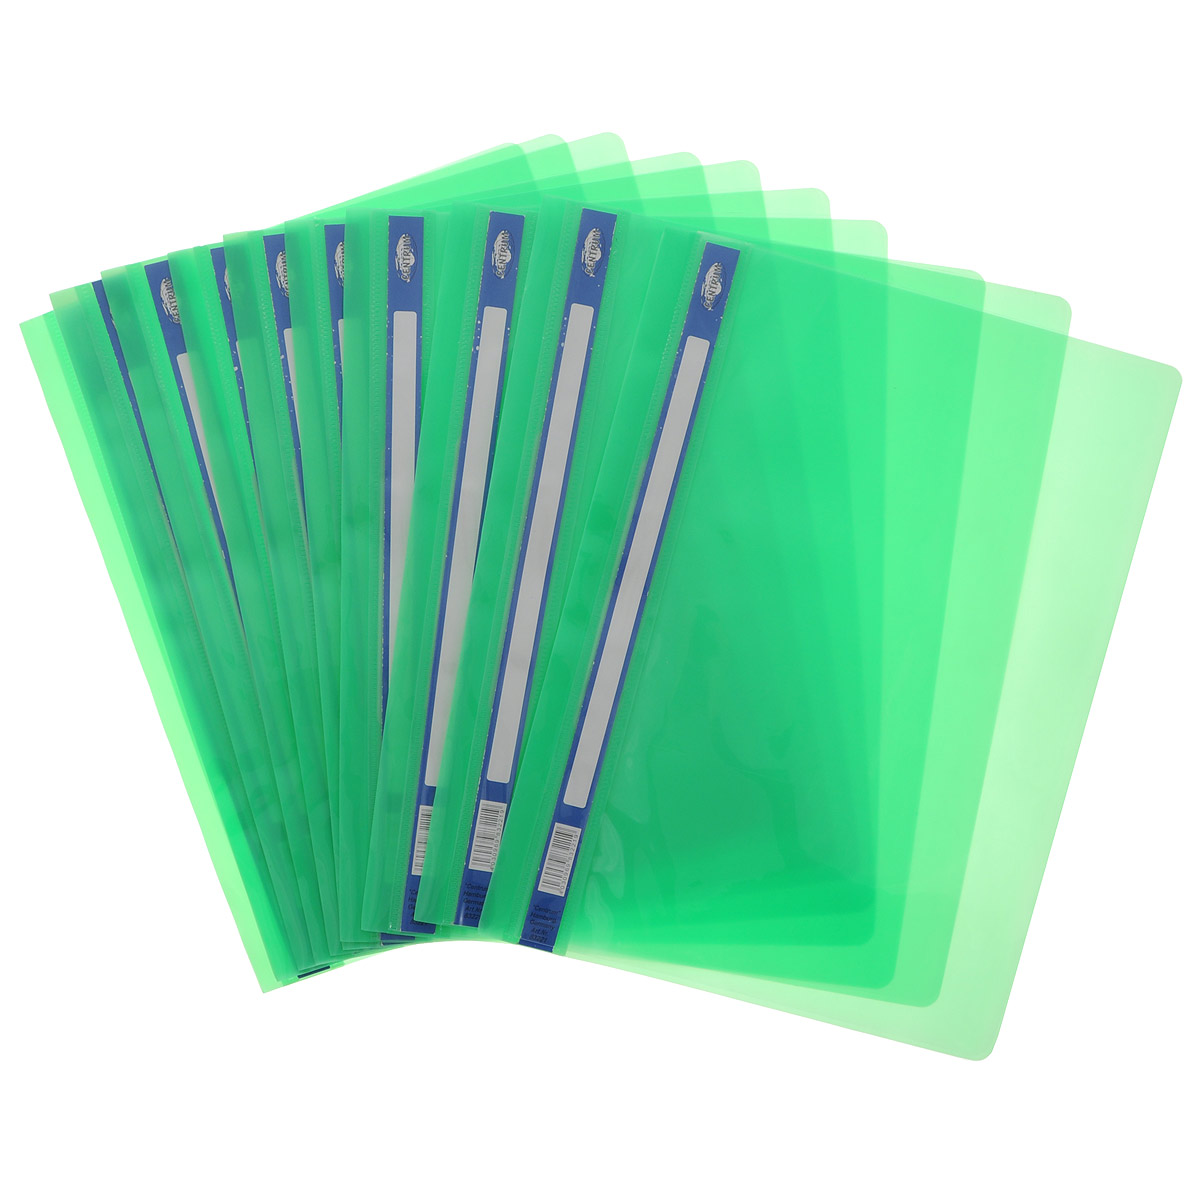 Папка-скоросшиватель Centrum, цвет: зеленый. Формат А4, 10 шт. 83221ОFS-36052Папка-скоросшиватель Centrum - это удобный и практичный офисный инструмент, предназначенный для хранения и транспортировки рабочих бумаг и документов формата А4. Папка изготовлена из полупрозрачного глянцевого пластика. В комплект входят 10 папок формата А4. Папка-скоросшиватель - это незаменимый атрибут для студента, школьника, офисного работника. Такая папка надежно сохранит ваши документы и сбережет их от повреждений, пыли и влаги.